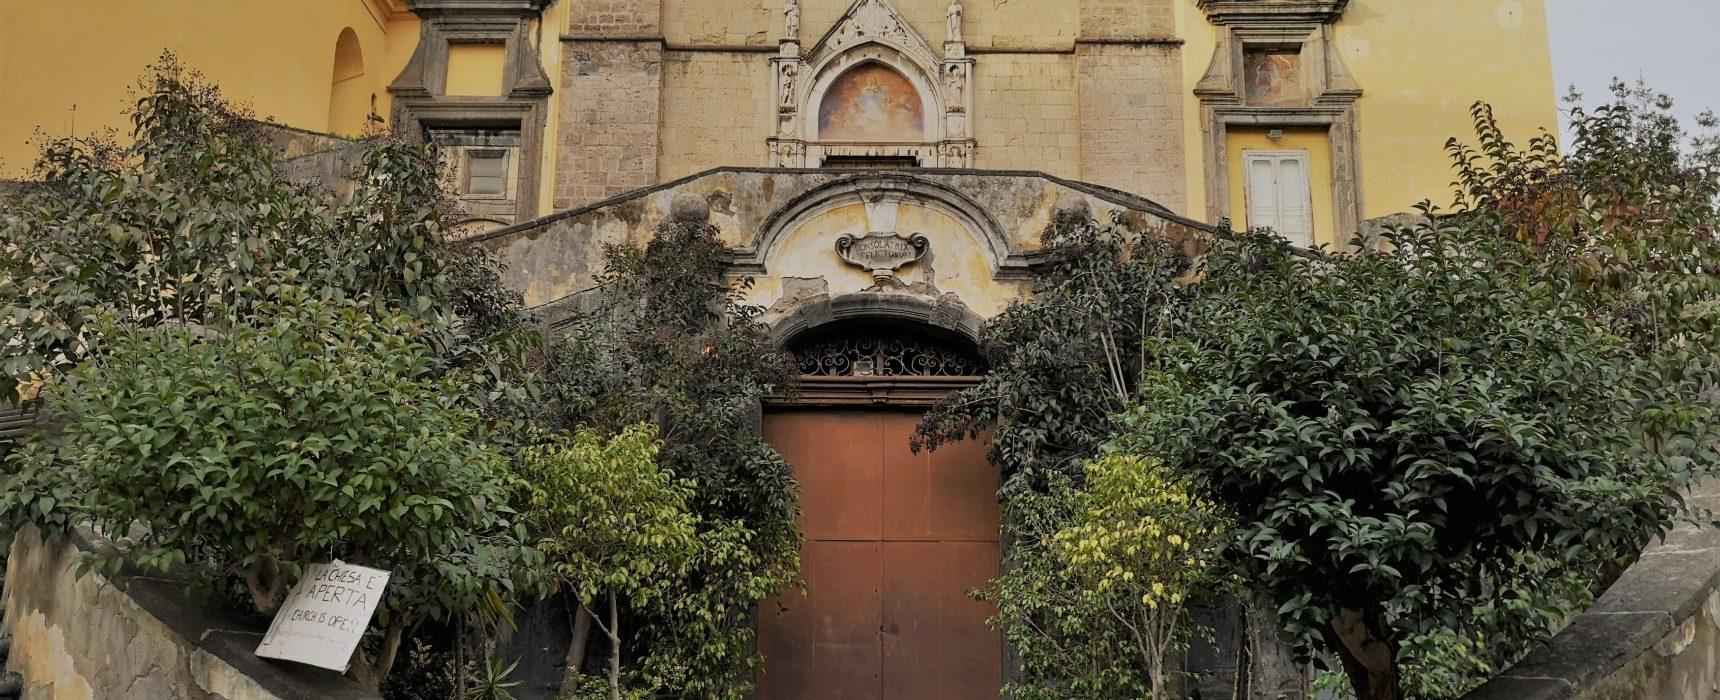 chiesa san giovanni a carbonara da non perdere google italia visita religione Papa Napoli consiglio